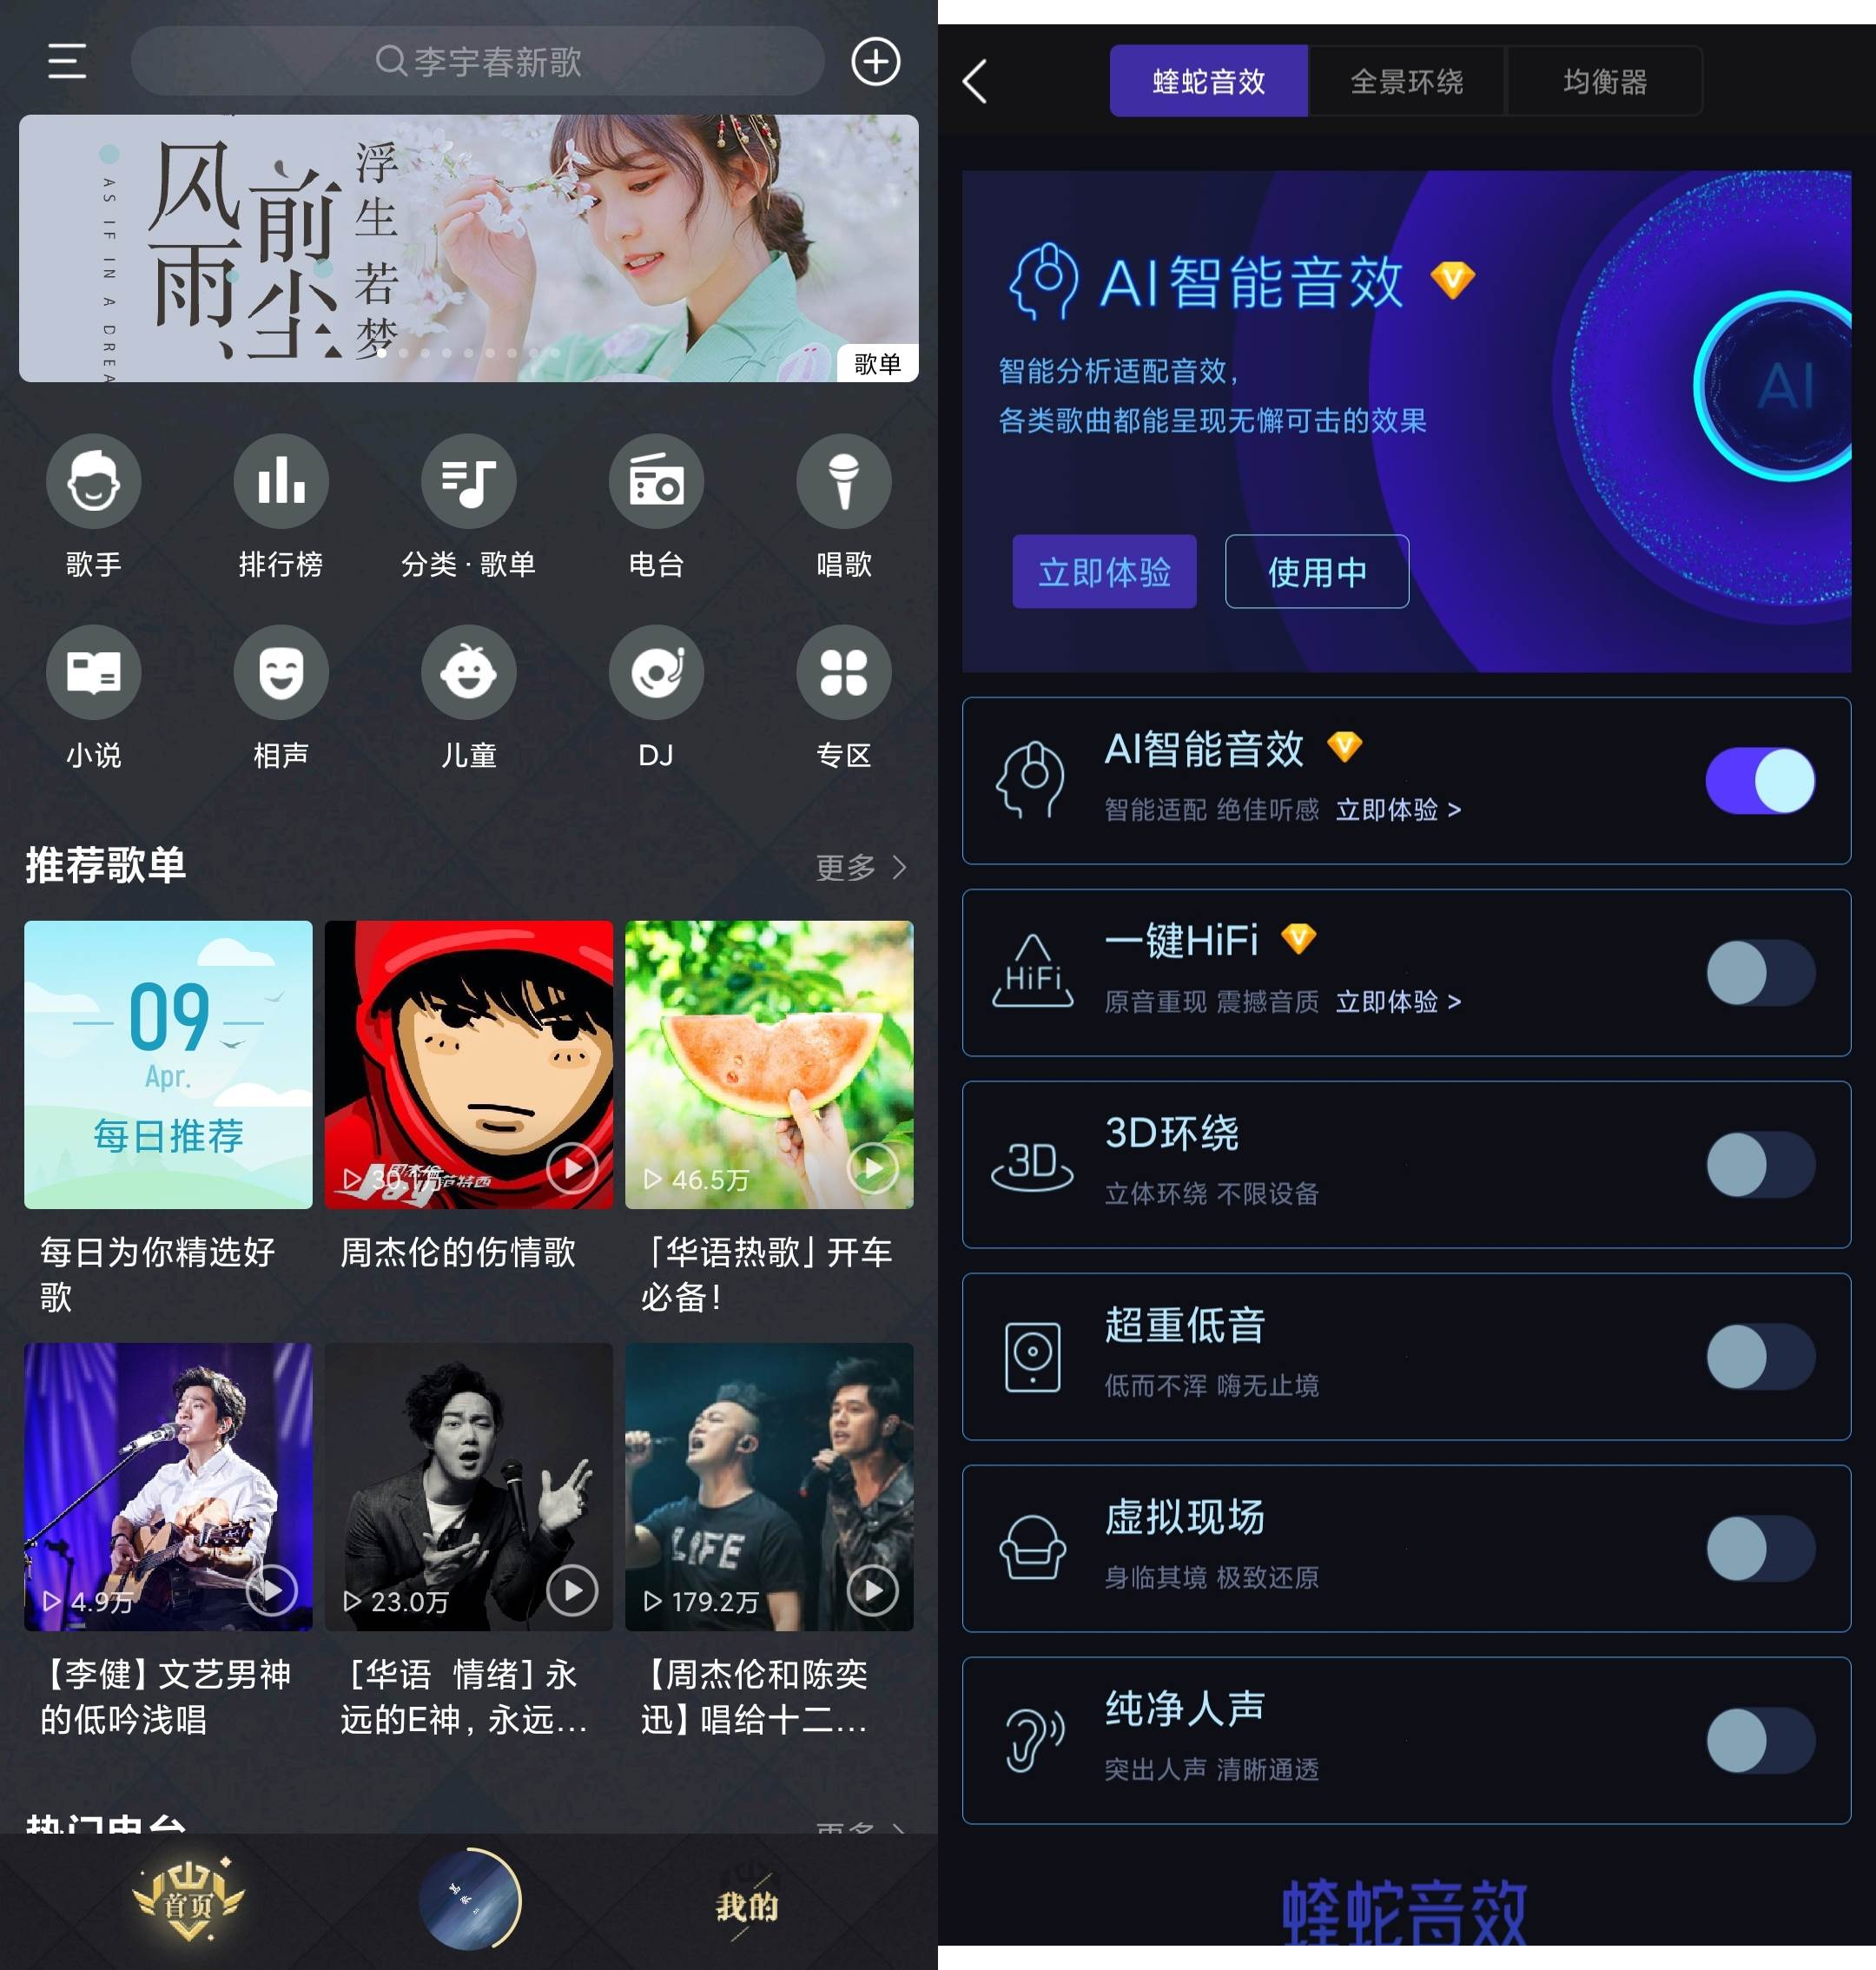 酷我音乐 v9.3.1.5完美VIP会员版/解锁下架歌曲/海外地区限制